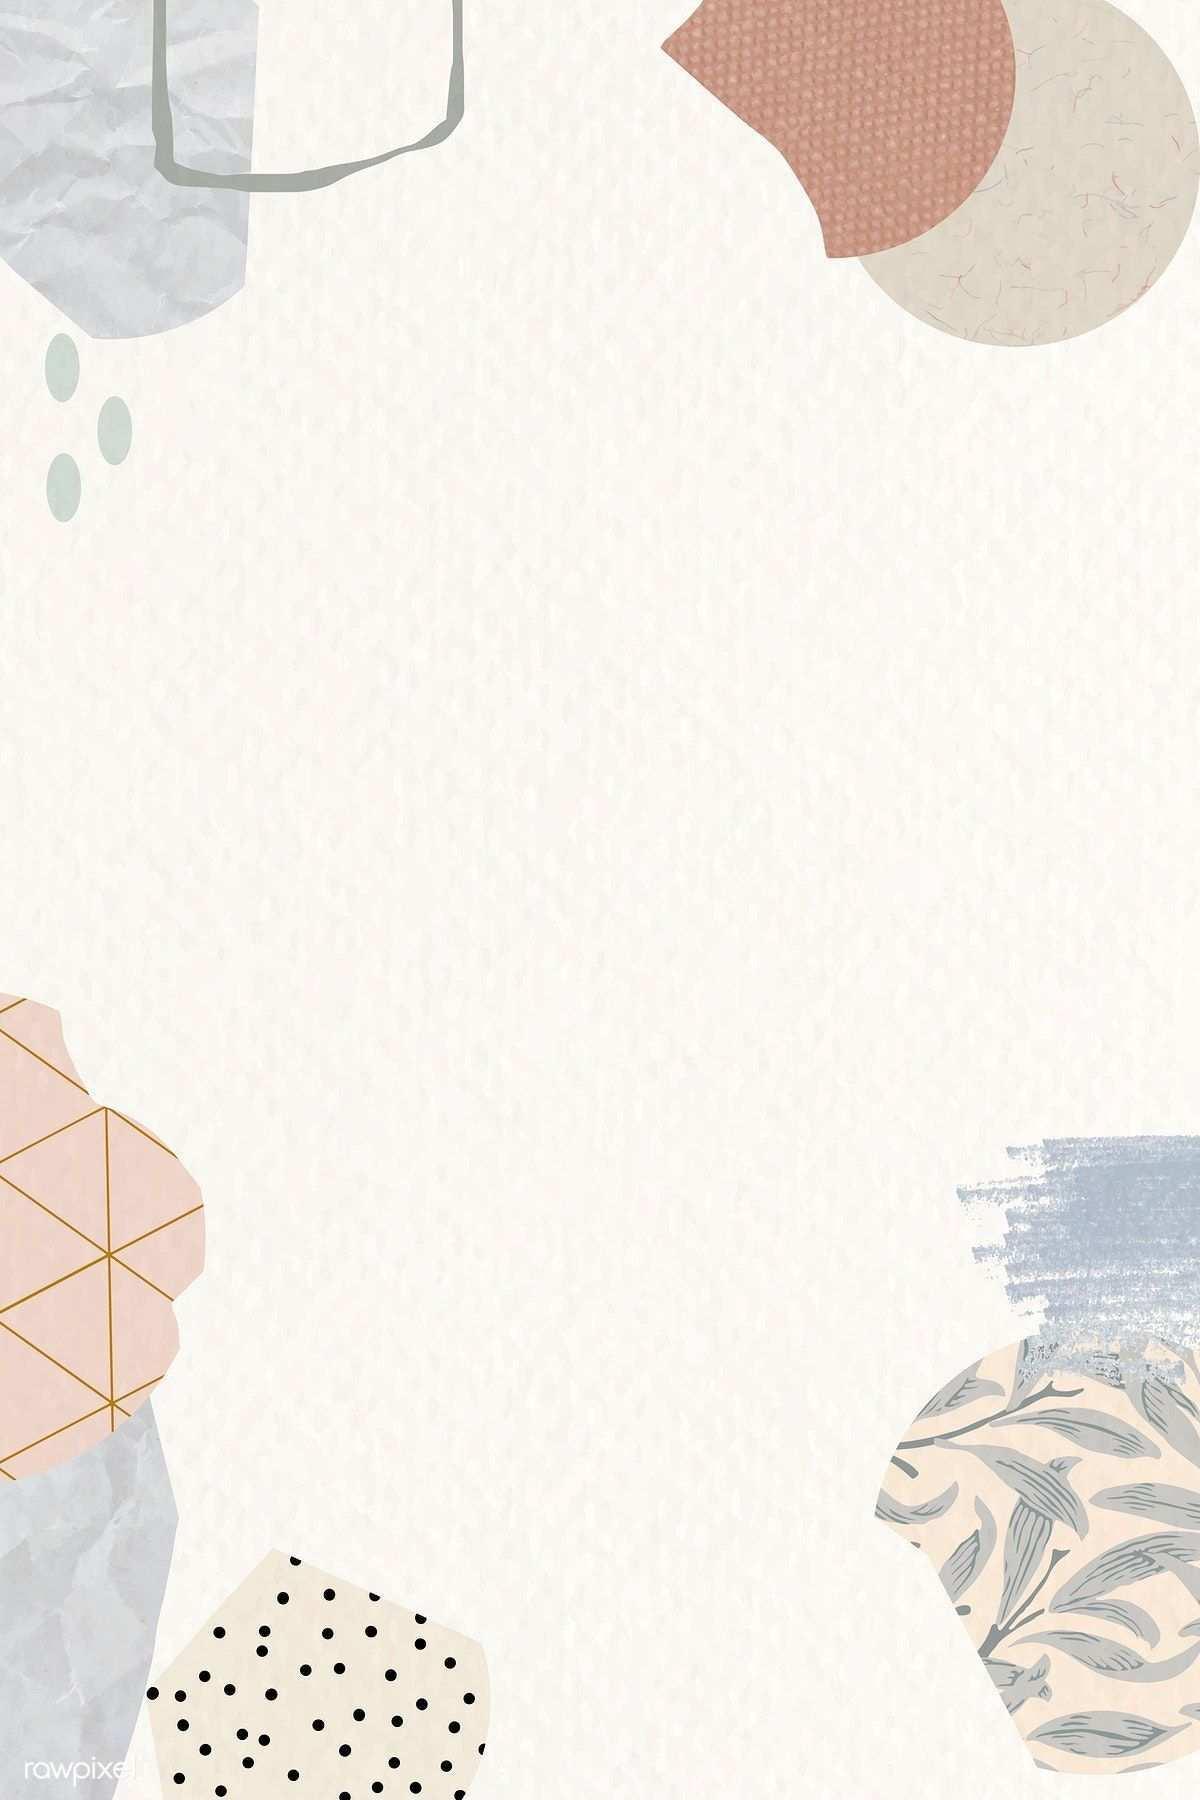 Laden Sie Den Premium Vektor Des Terrazzo Musters Auf Den Beigen Hintergrundvektor Herunter Downlo Poster Tasarimlari Sanatsal Baski Illustrasyon Posterleri